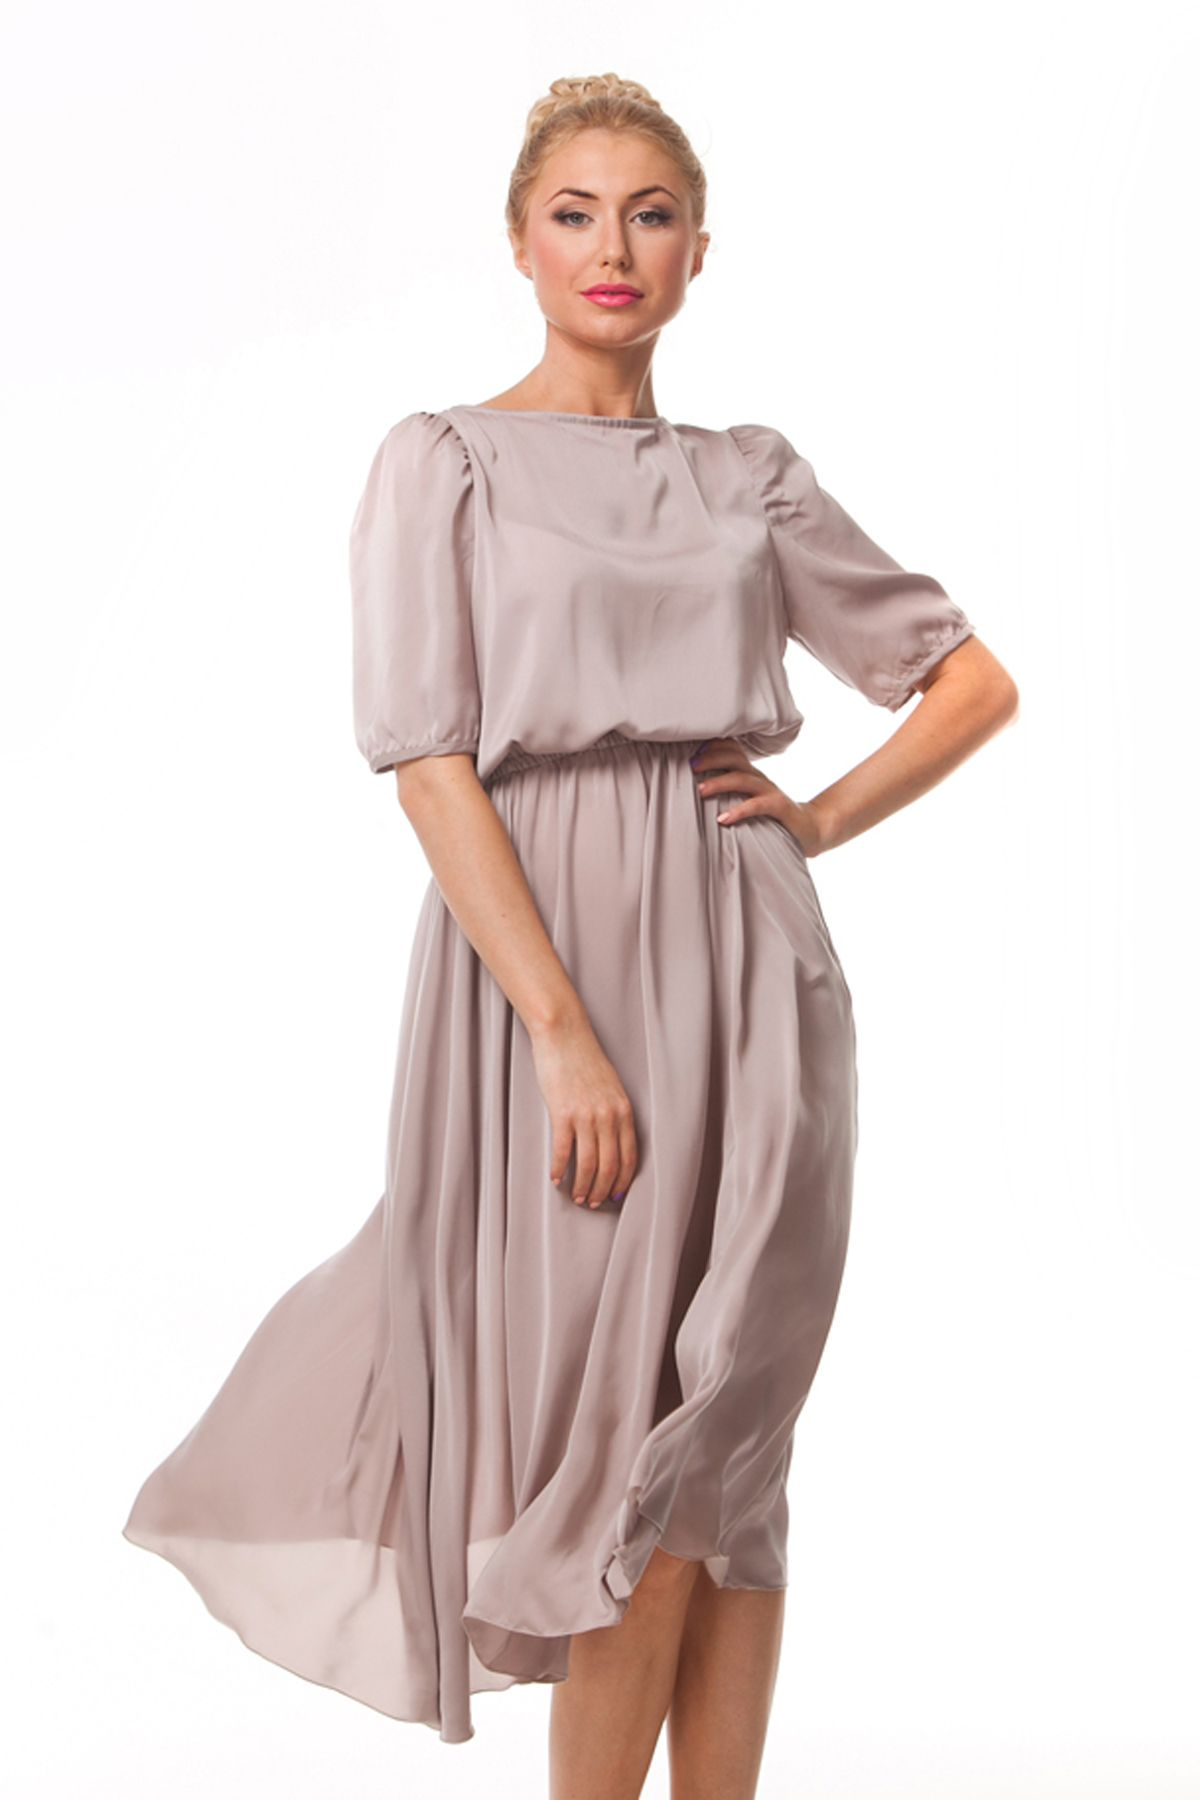 австралии мамы повседневные шелковые платья фото основой всех без